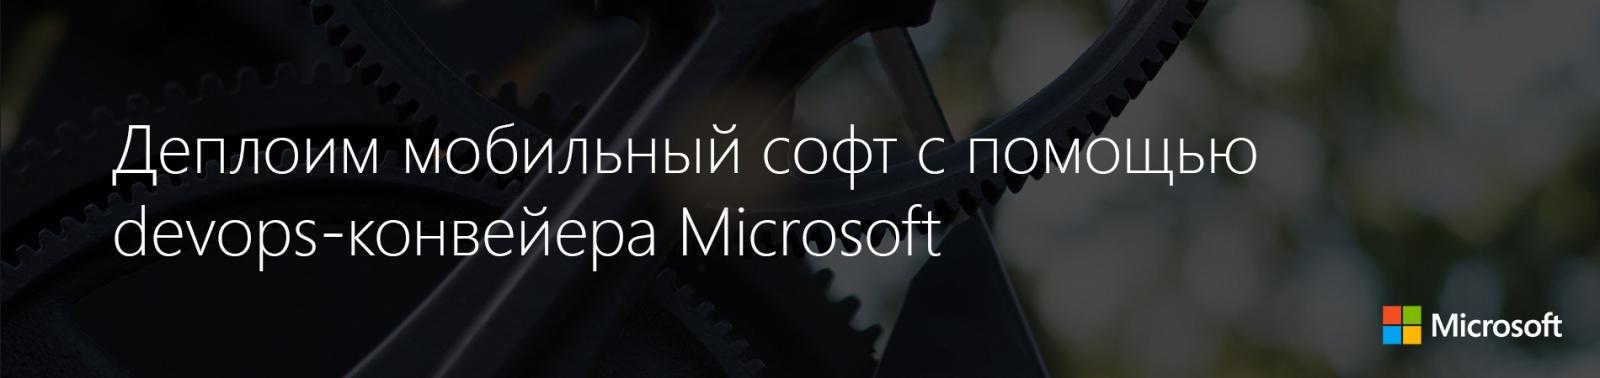 Деплоим мобильный софт с помощью devops-конвейера Microsoft - 1